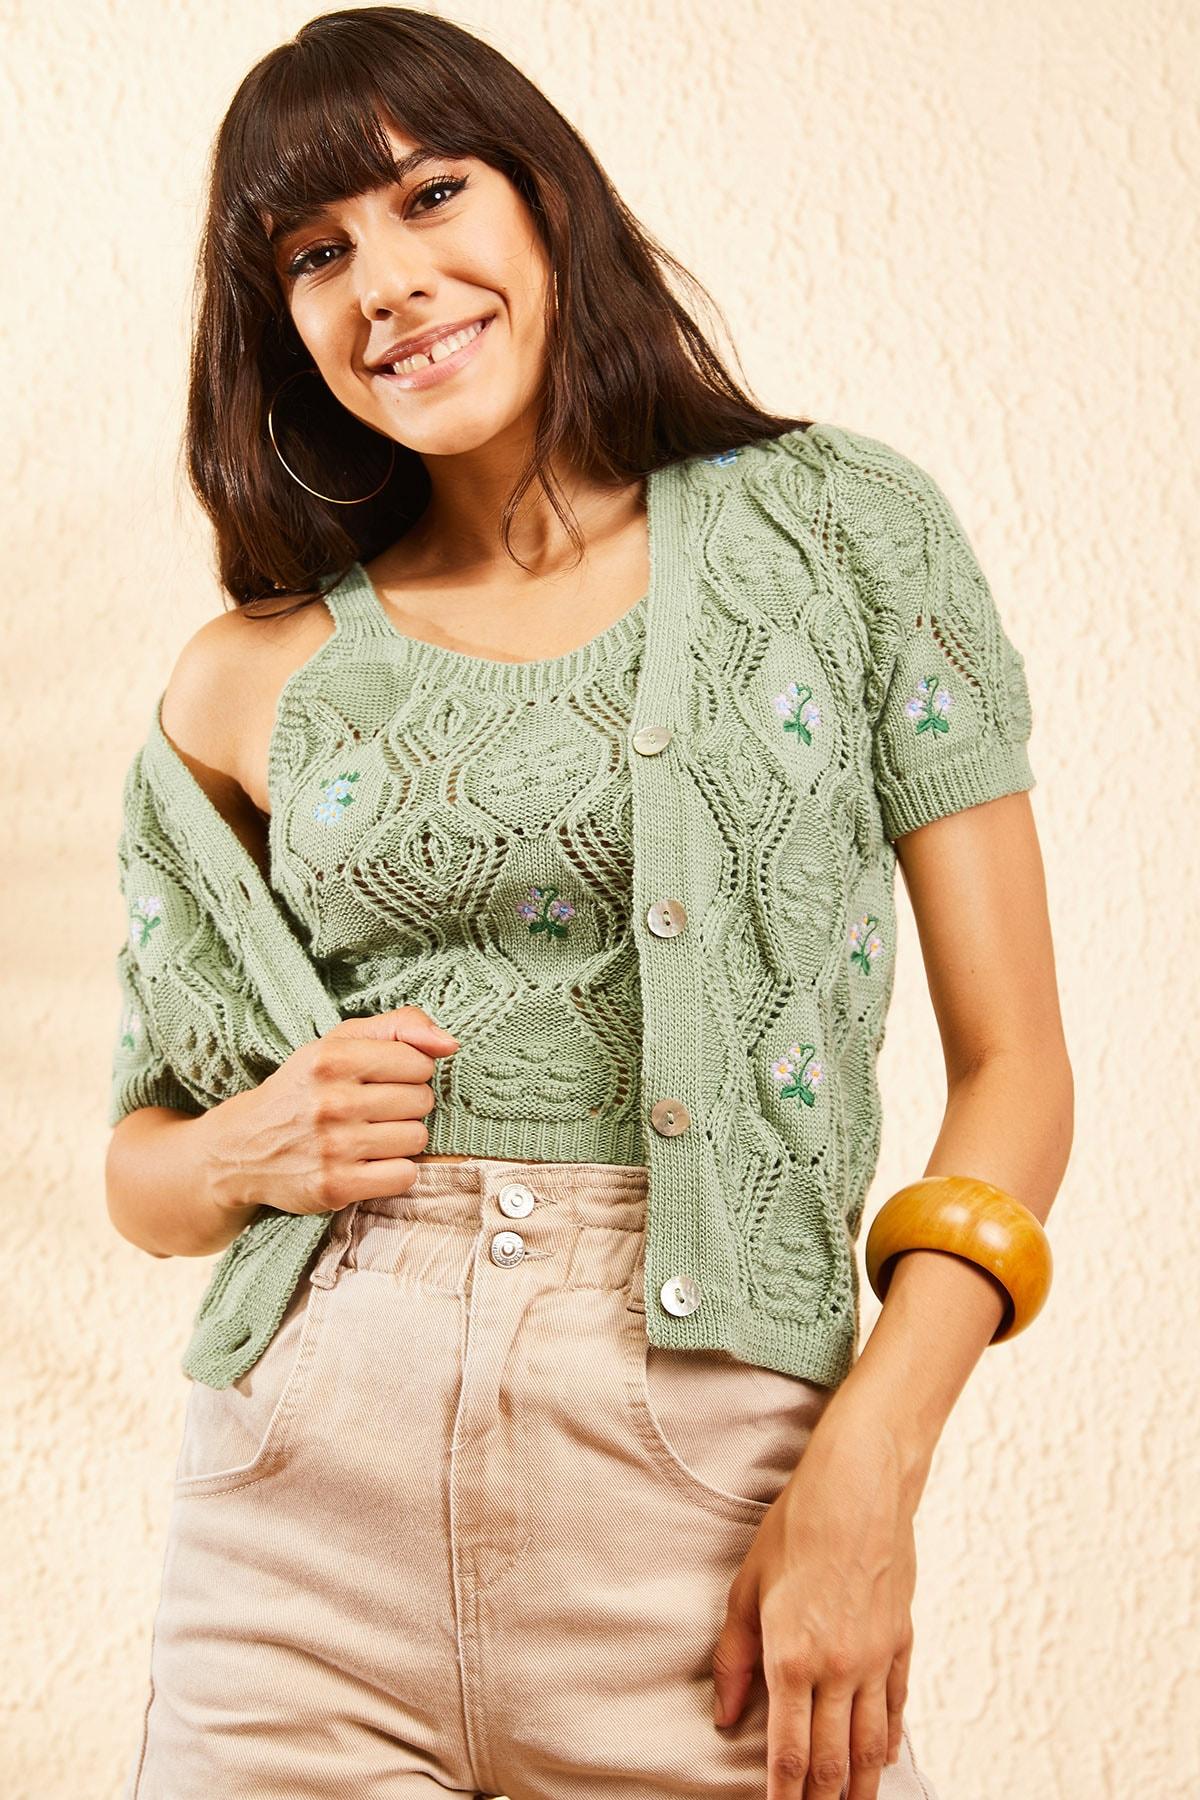 Bianco Lucci Kadın Çağla Yeşili Kadın Nakış İşlemeli Düğmeli Ajurlu Triko Hırka 10101030